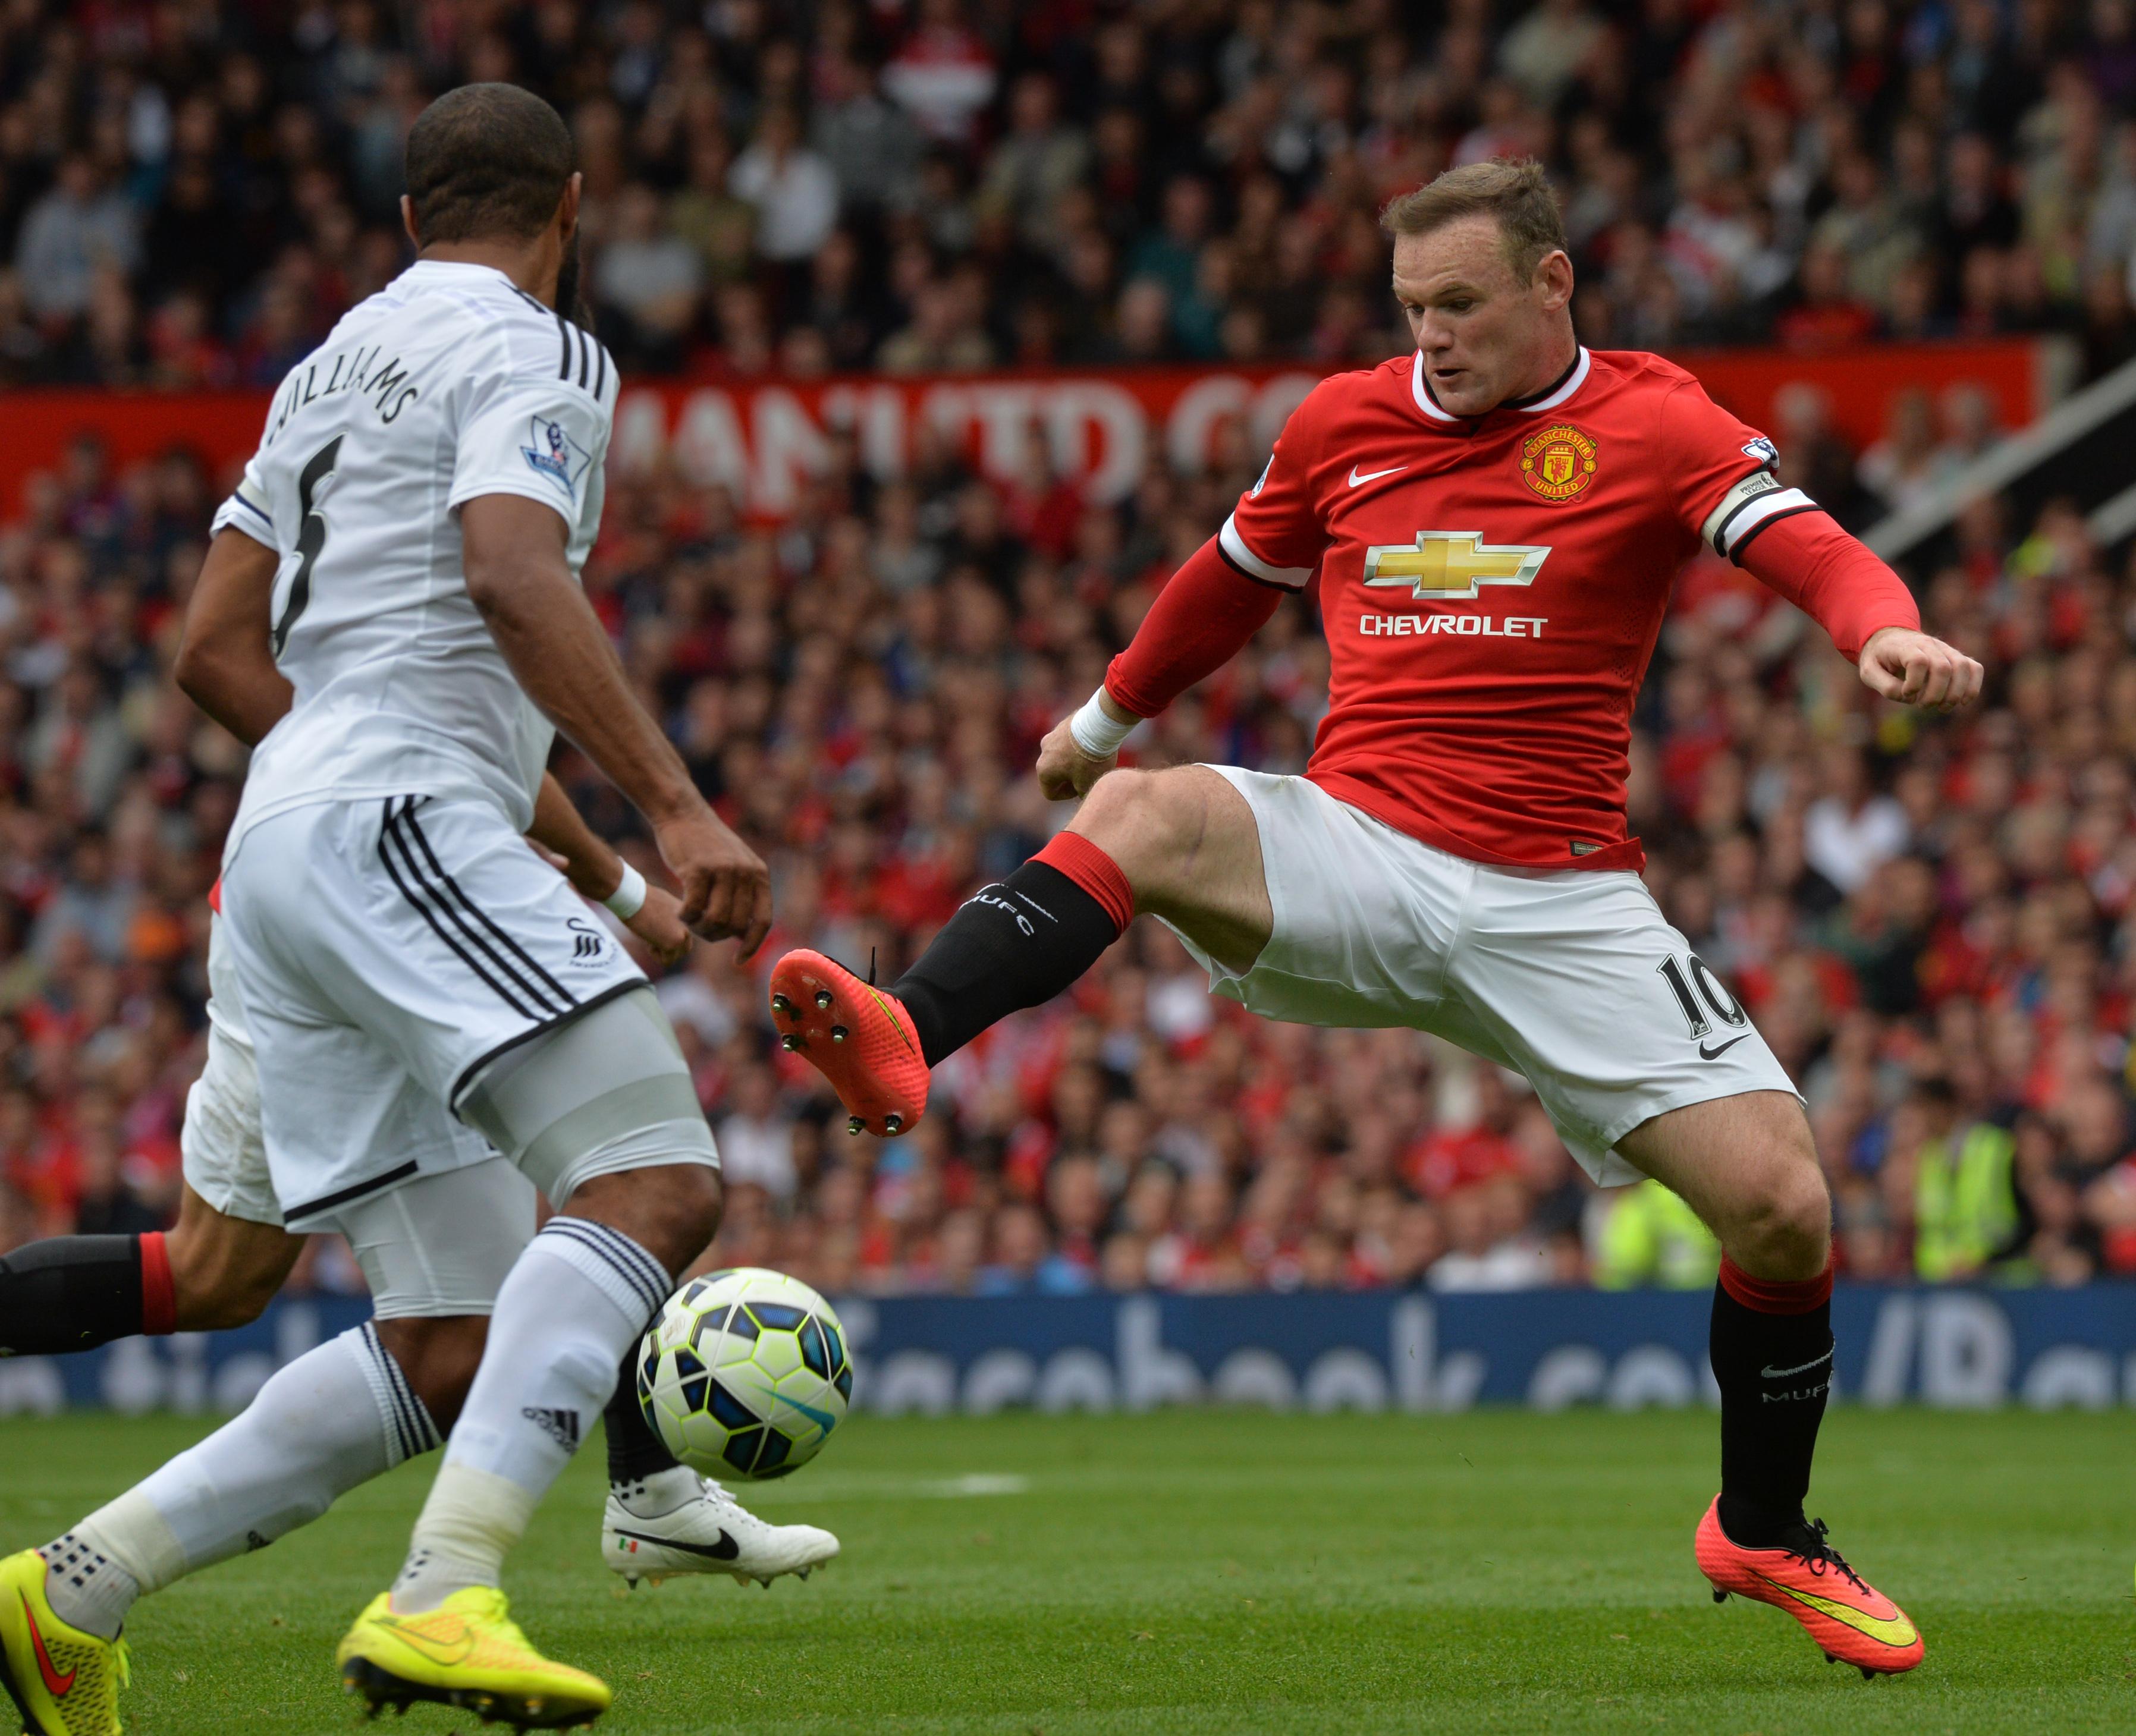 Wayne Rooney, sóknarmaður Manchester United, er á meðal hæst launuðustu leikmanna heims. Hann fær um 300 þúsund pund, rúmlega 58 milljónir króna, á viku frá félagið sínu.